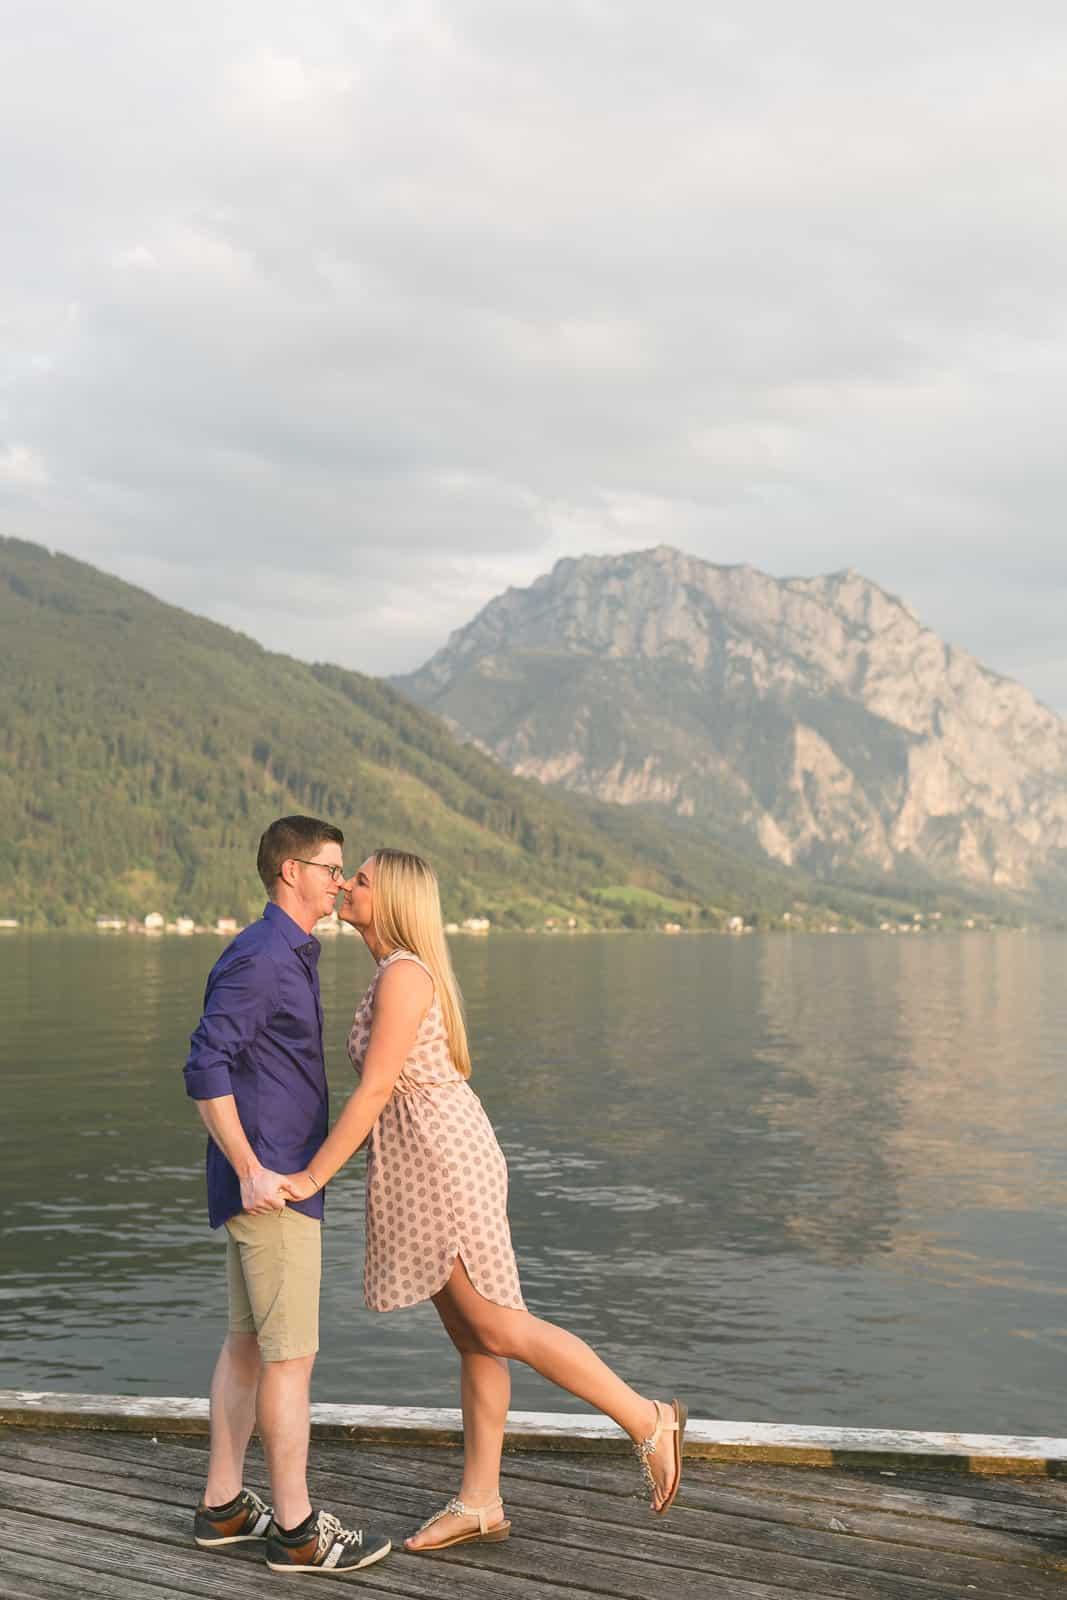 sunset_engagement_shooting_paarfotos_couplesession_engagement_verlobungsfotos_hochzeitsfotos_hochzeitsfotografin_traunsee_gmunden_oberoesterreich-christiane-eckl